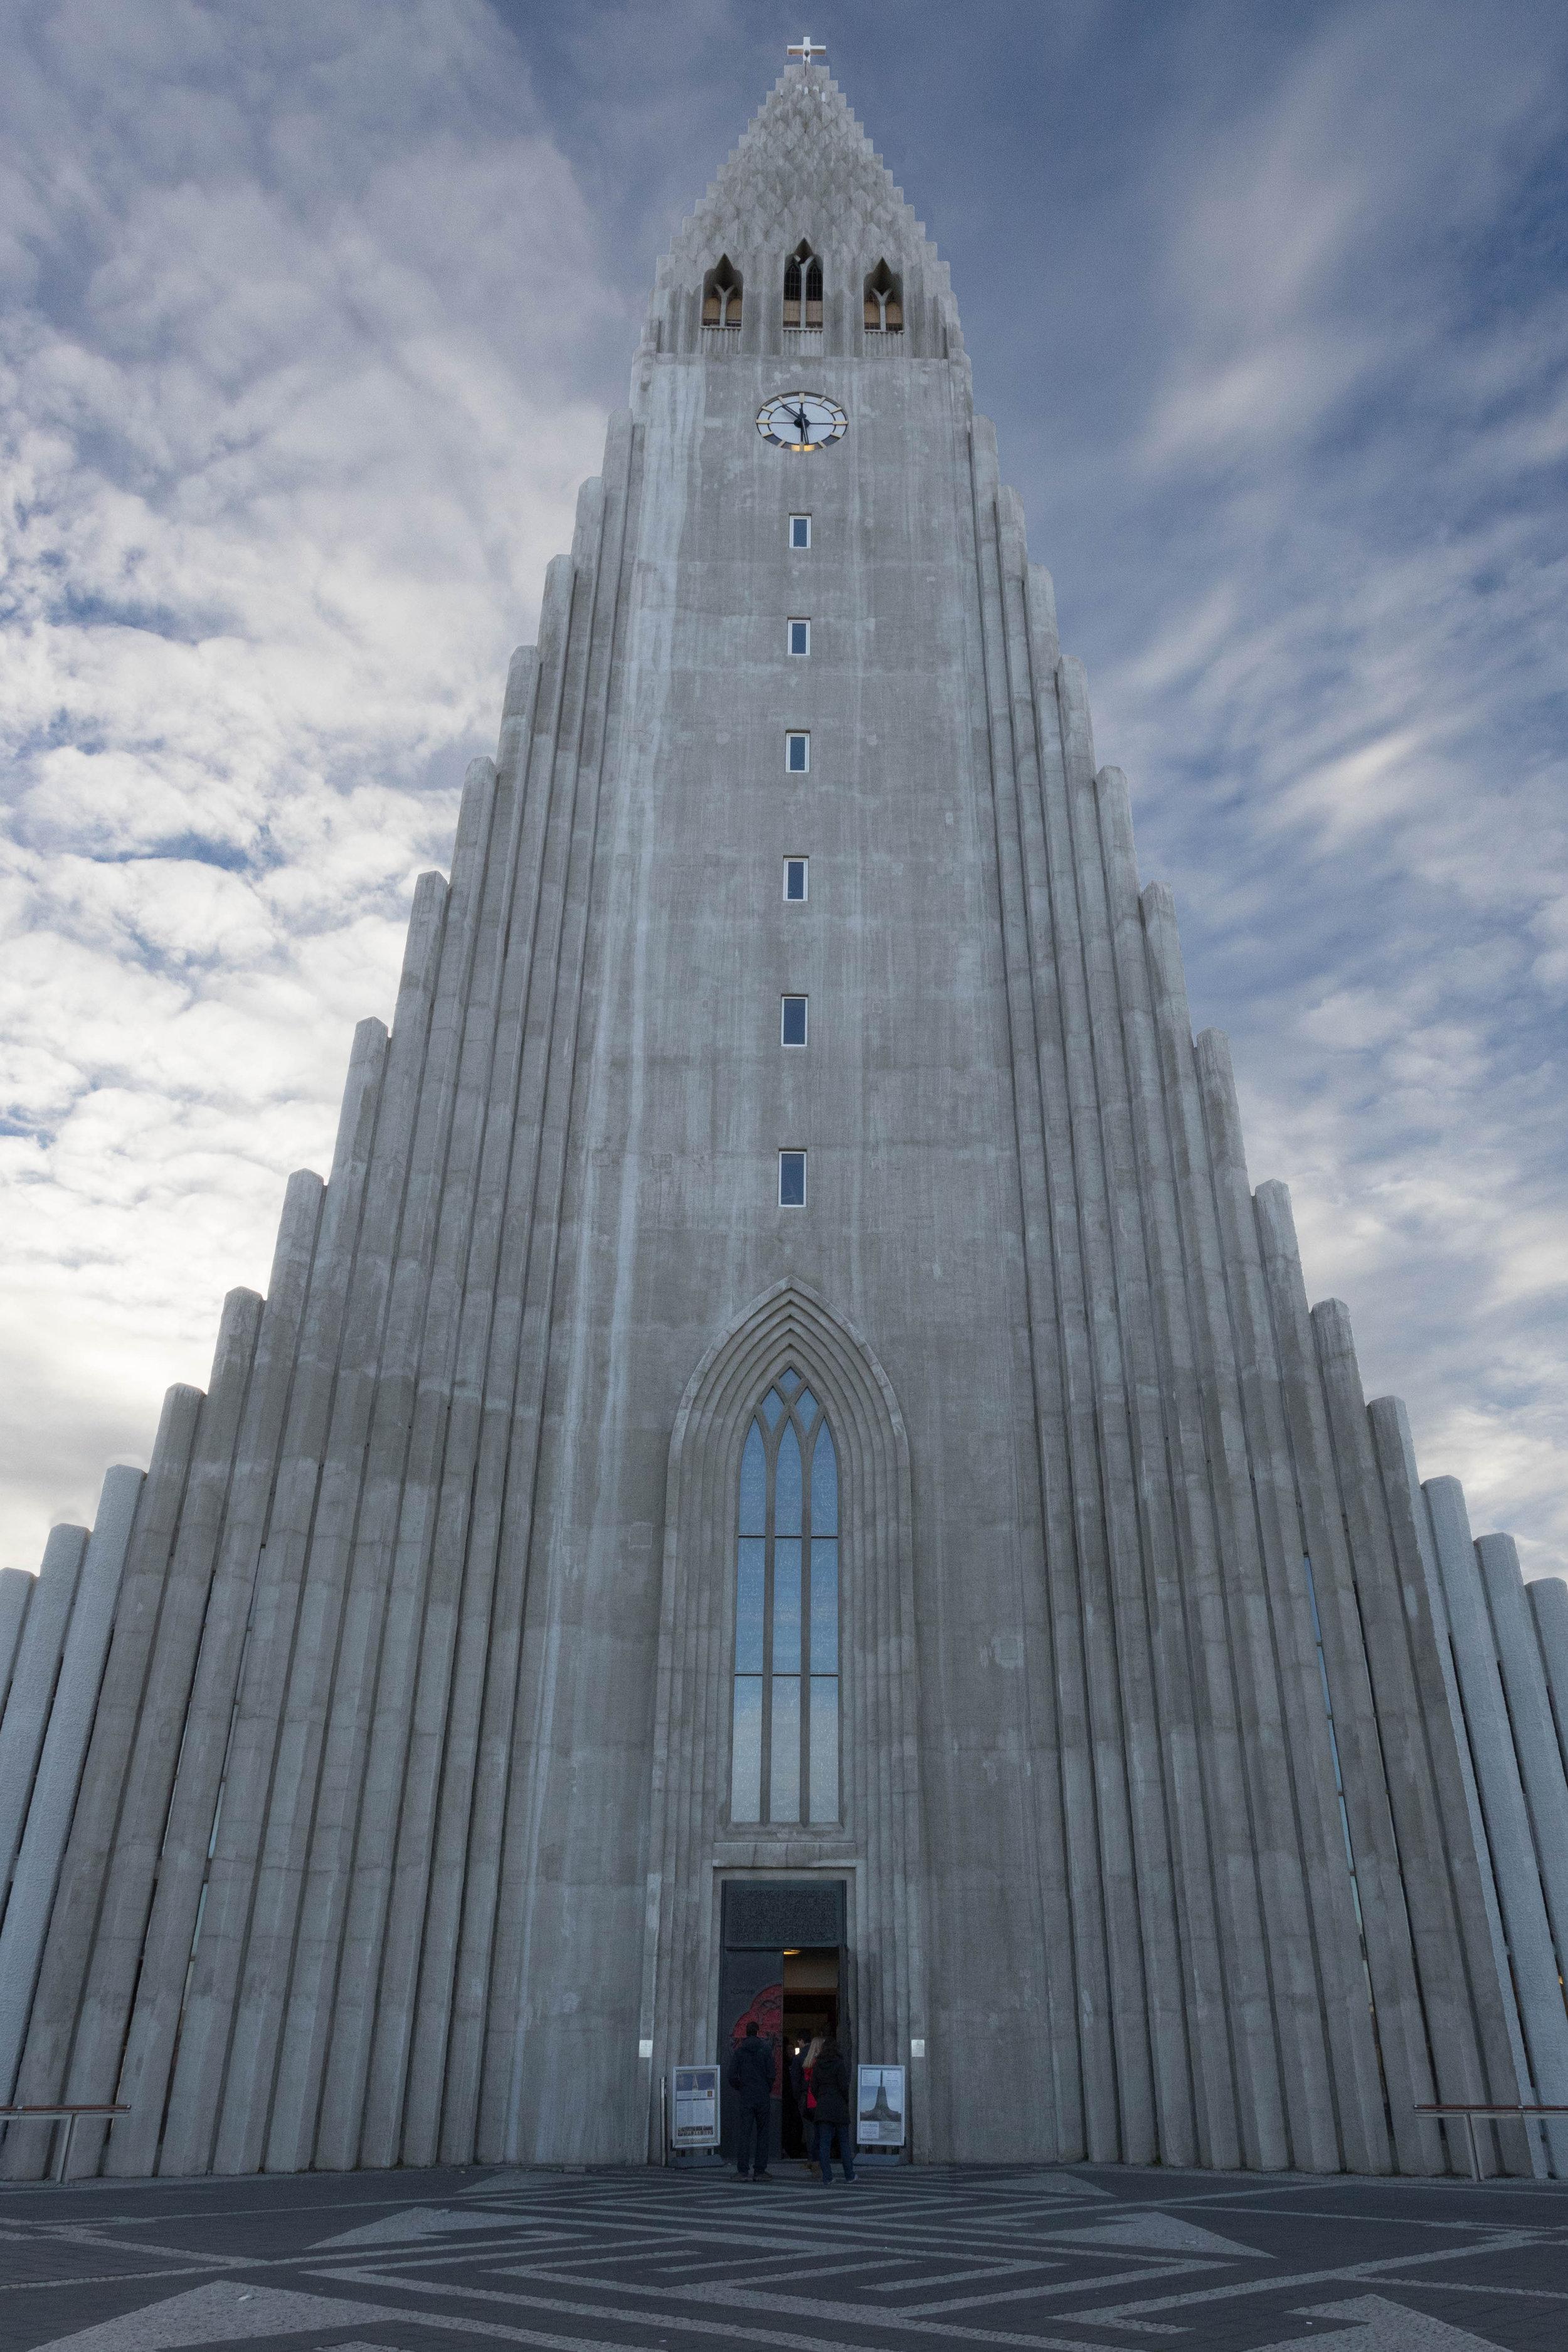 october 26, 2018  hallgrímskirkja - reykjavik, iceland